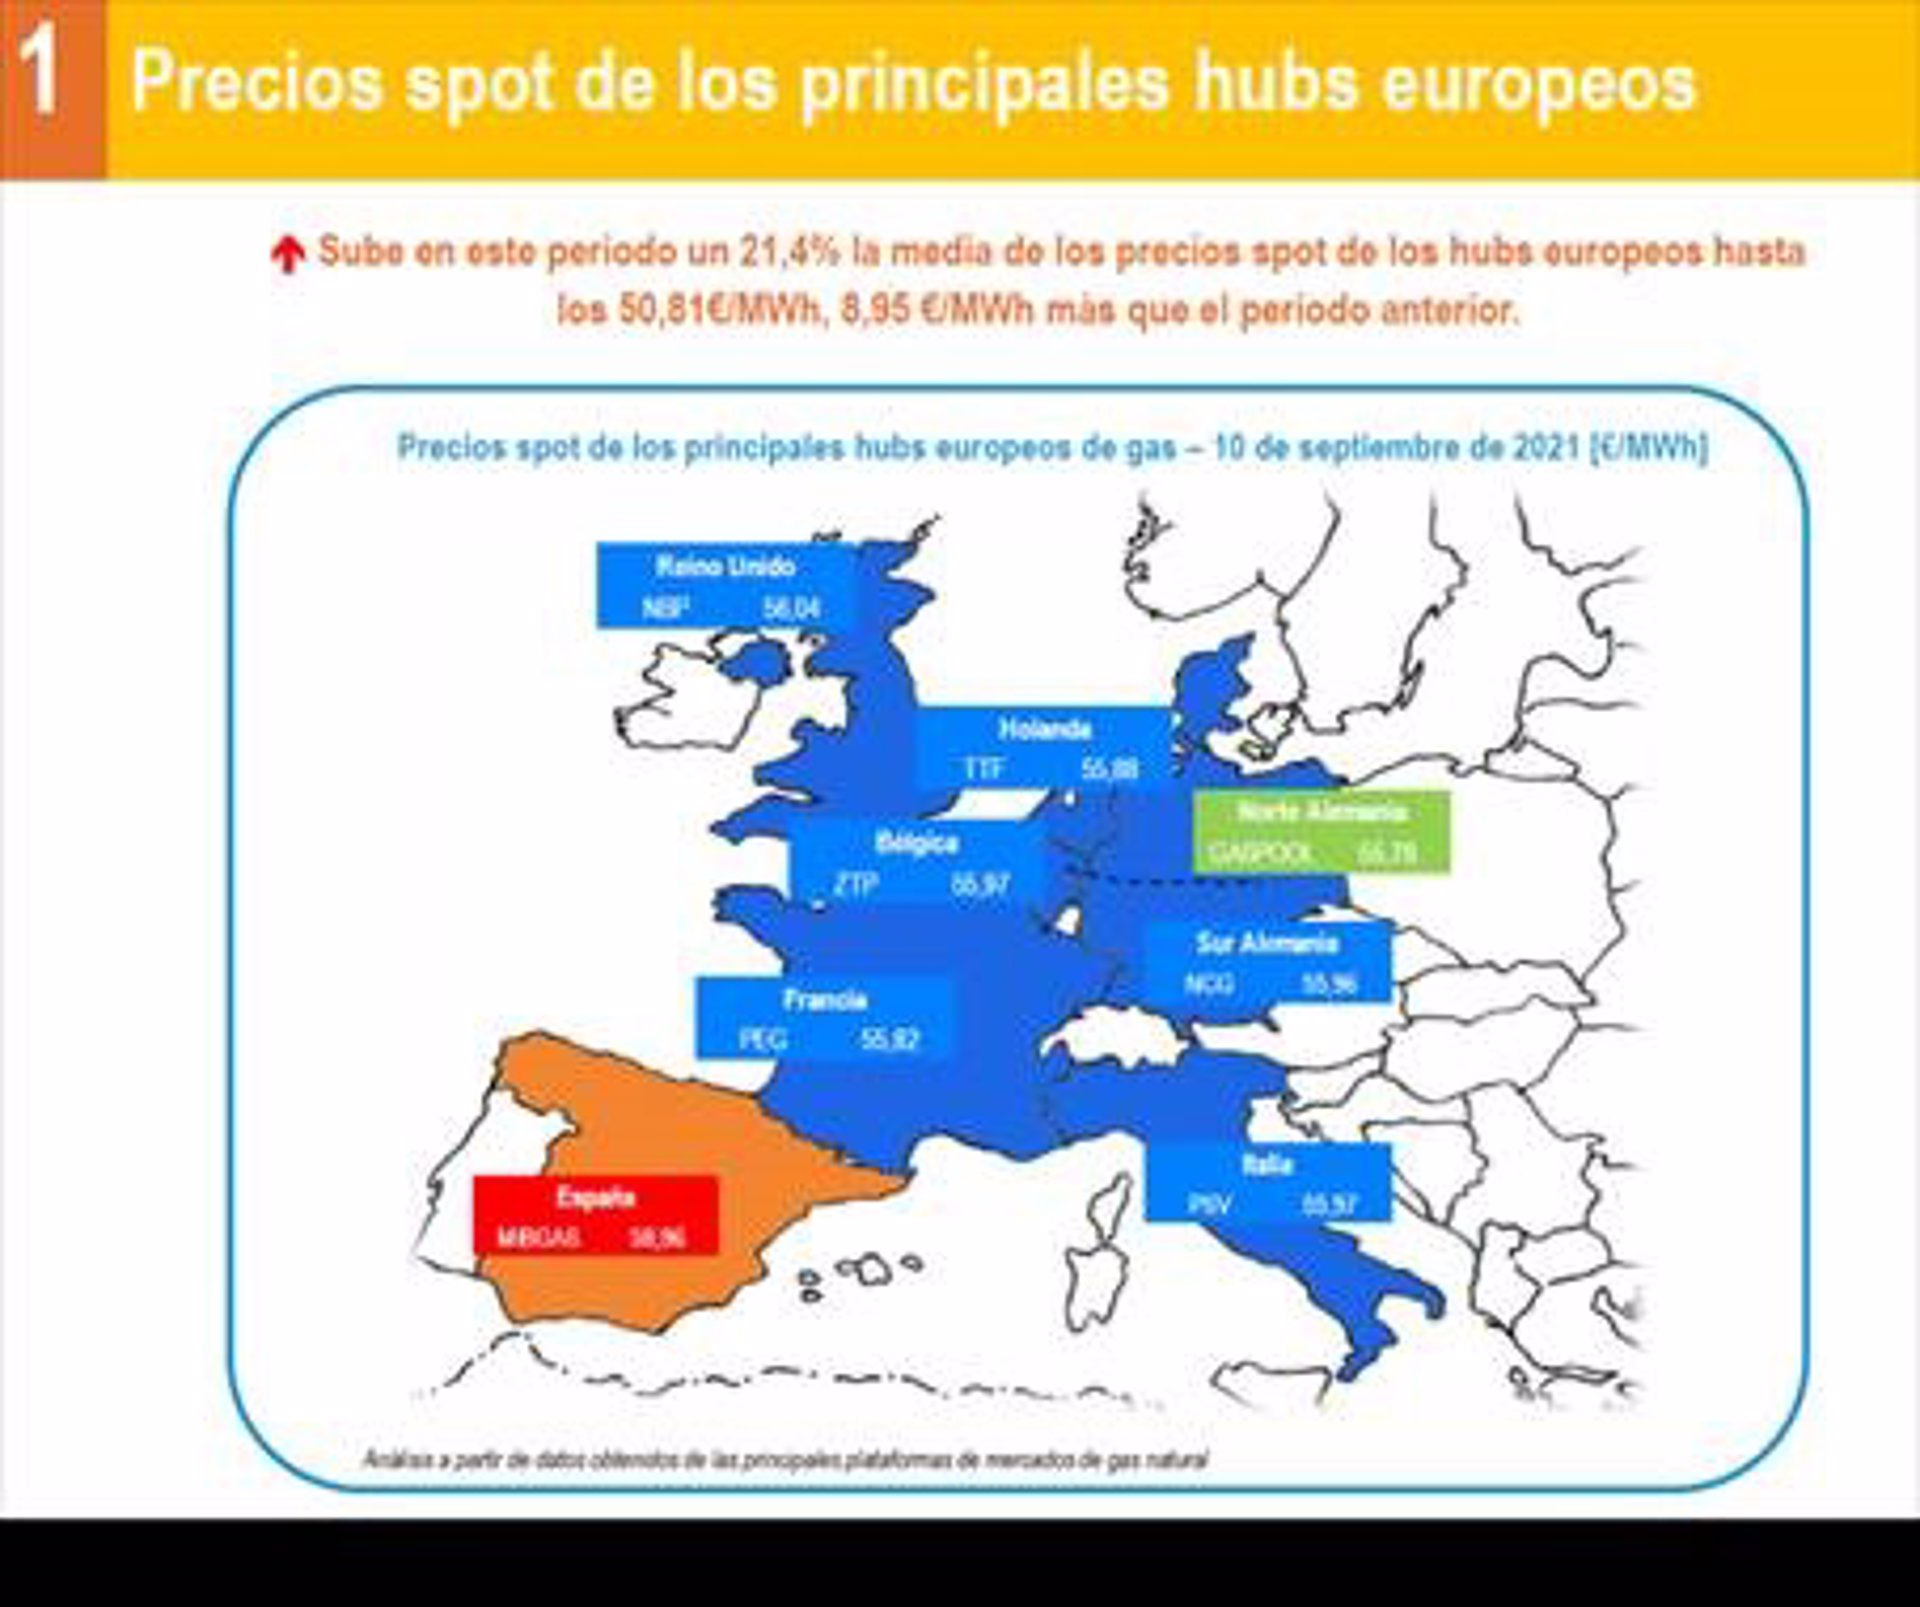 Economía/Energía.- El precio del gas también bate récords y sube un 21,4% de media en los mercados europeos